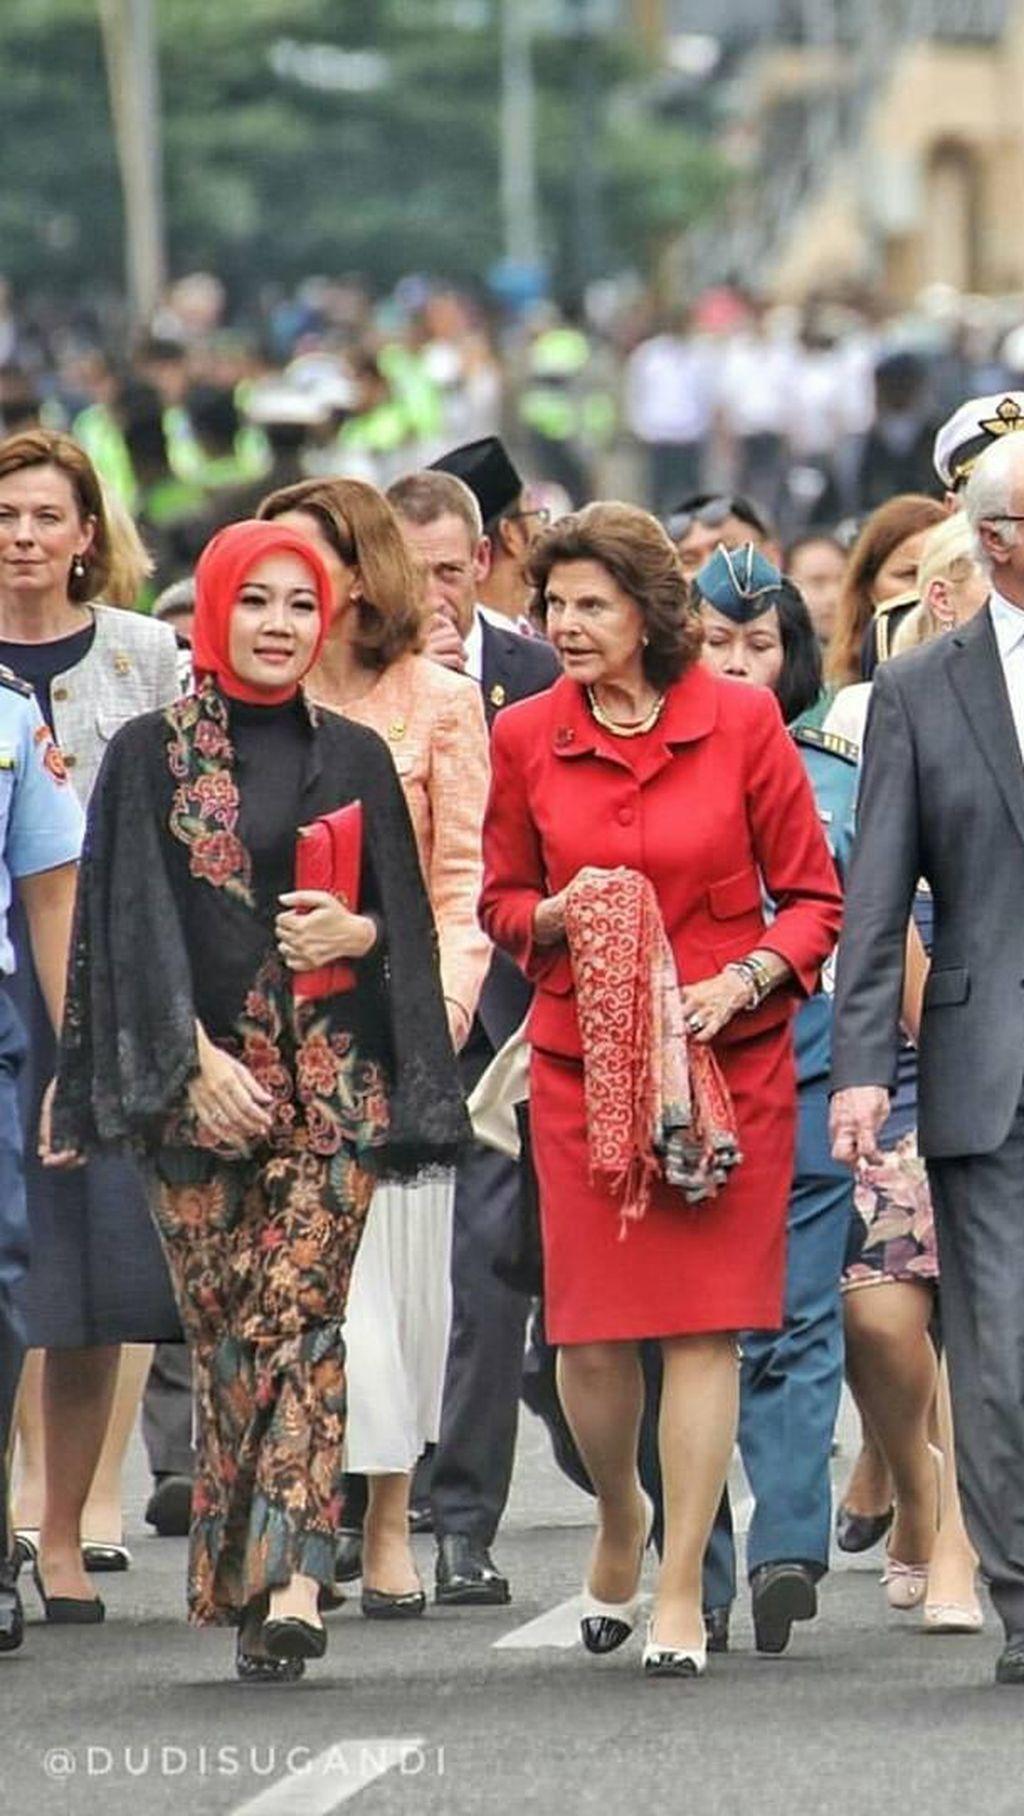 Foto: Gaya Hijab Si Cinta, Istri Ridwan Kamil Saat Bertemu Ratu Swedia